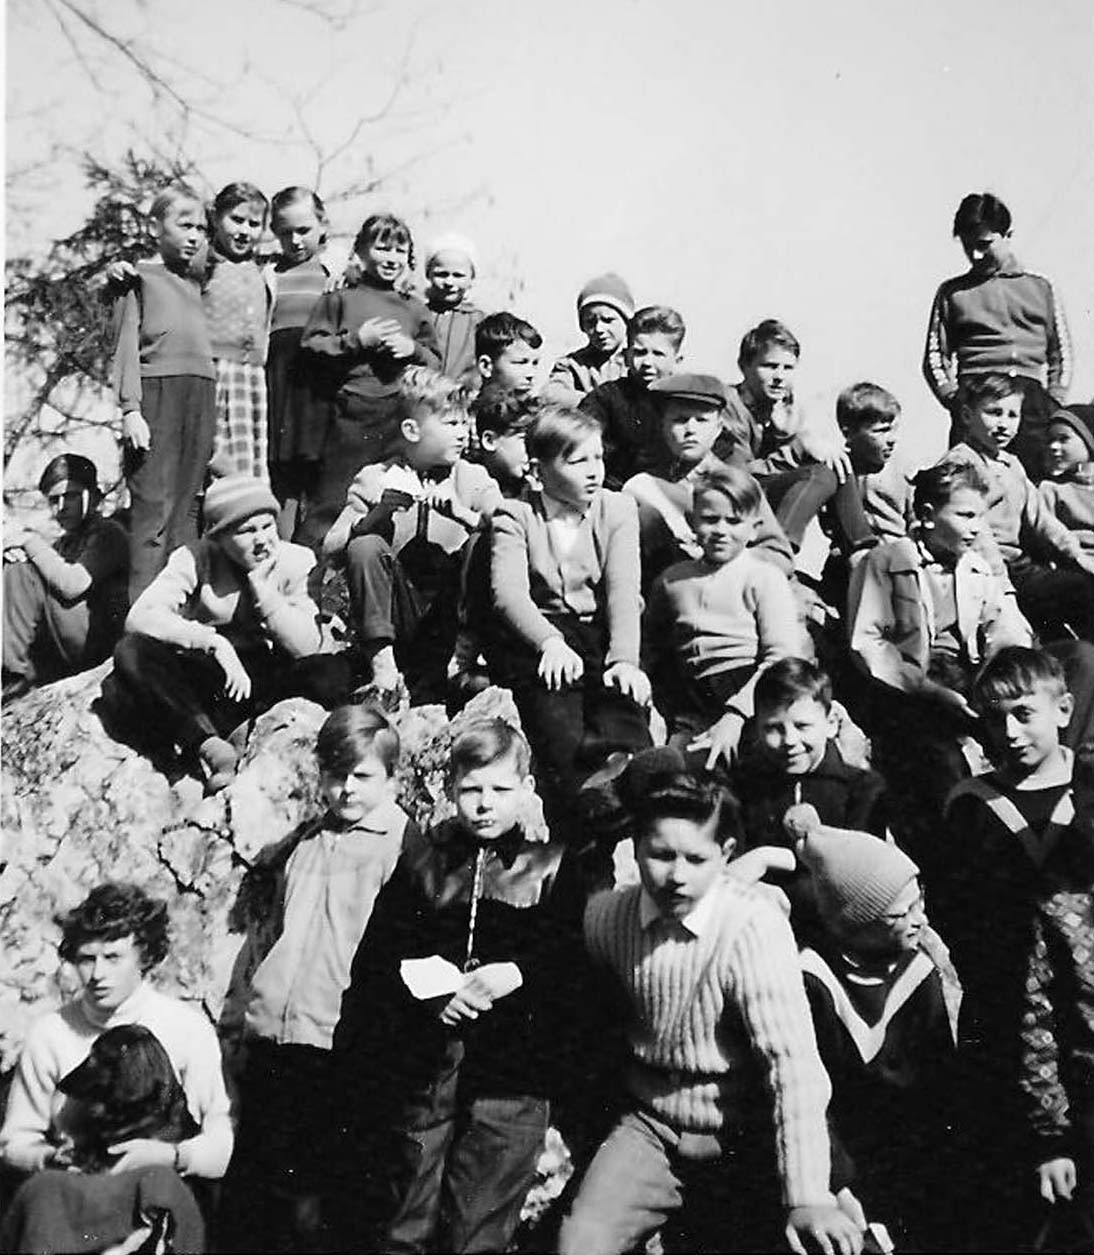 Unsere Kindergruppe im Frühjahr 1962. Ich sitze auf dem Felsen links außen. Unten links vor dem Felsen die Tochter des Hausmeisters mit dem Familiendackel.